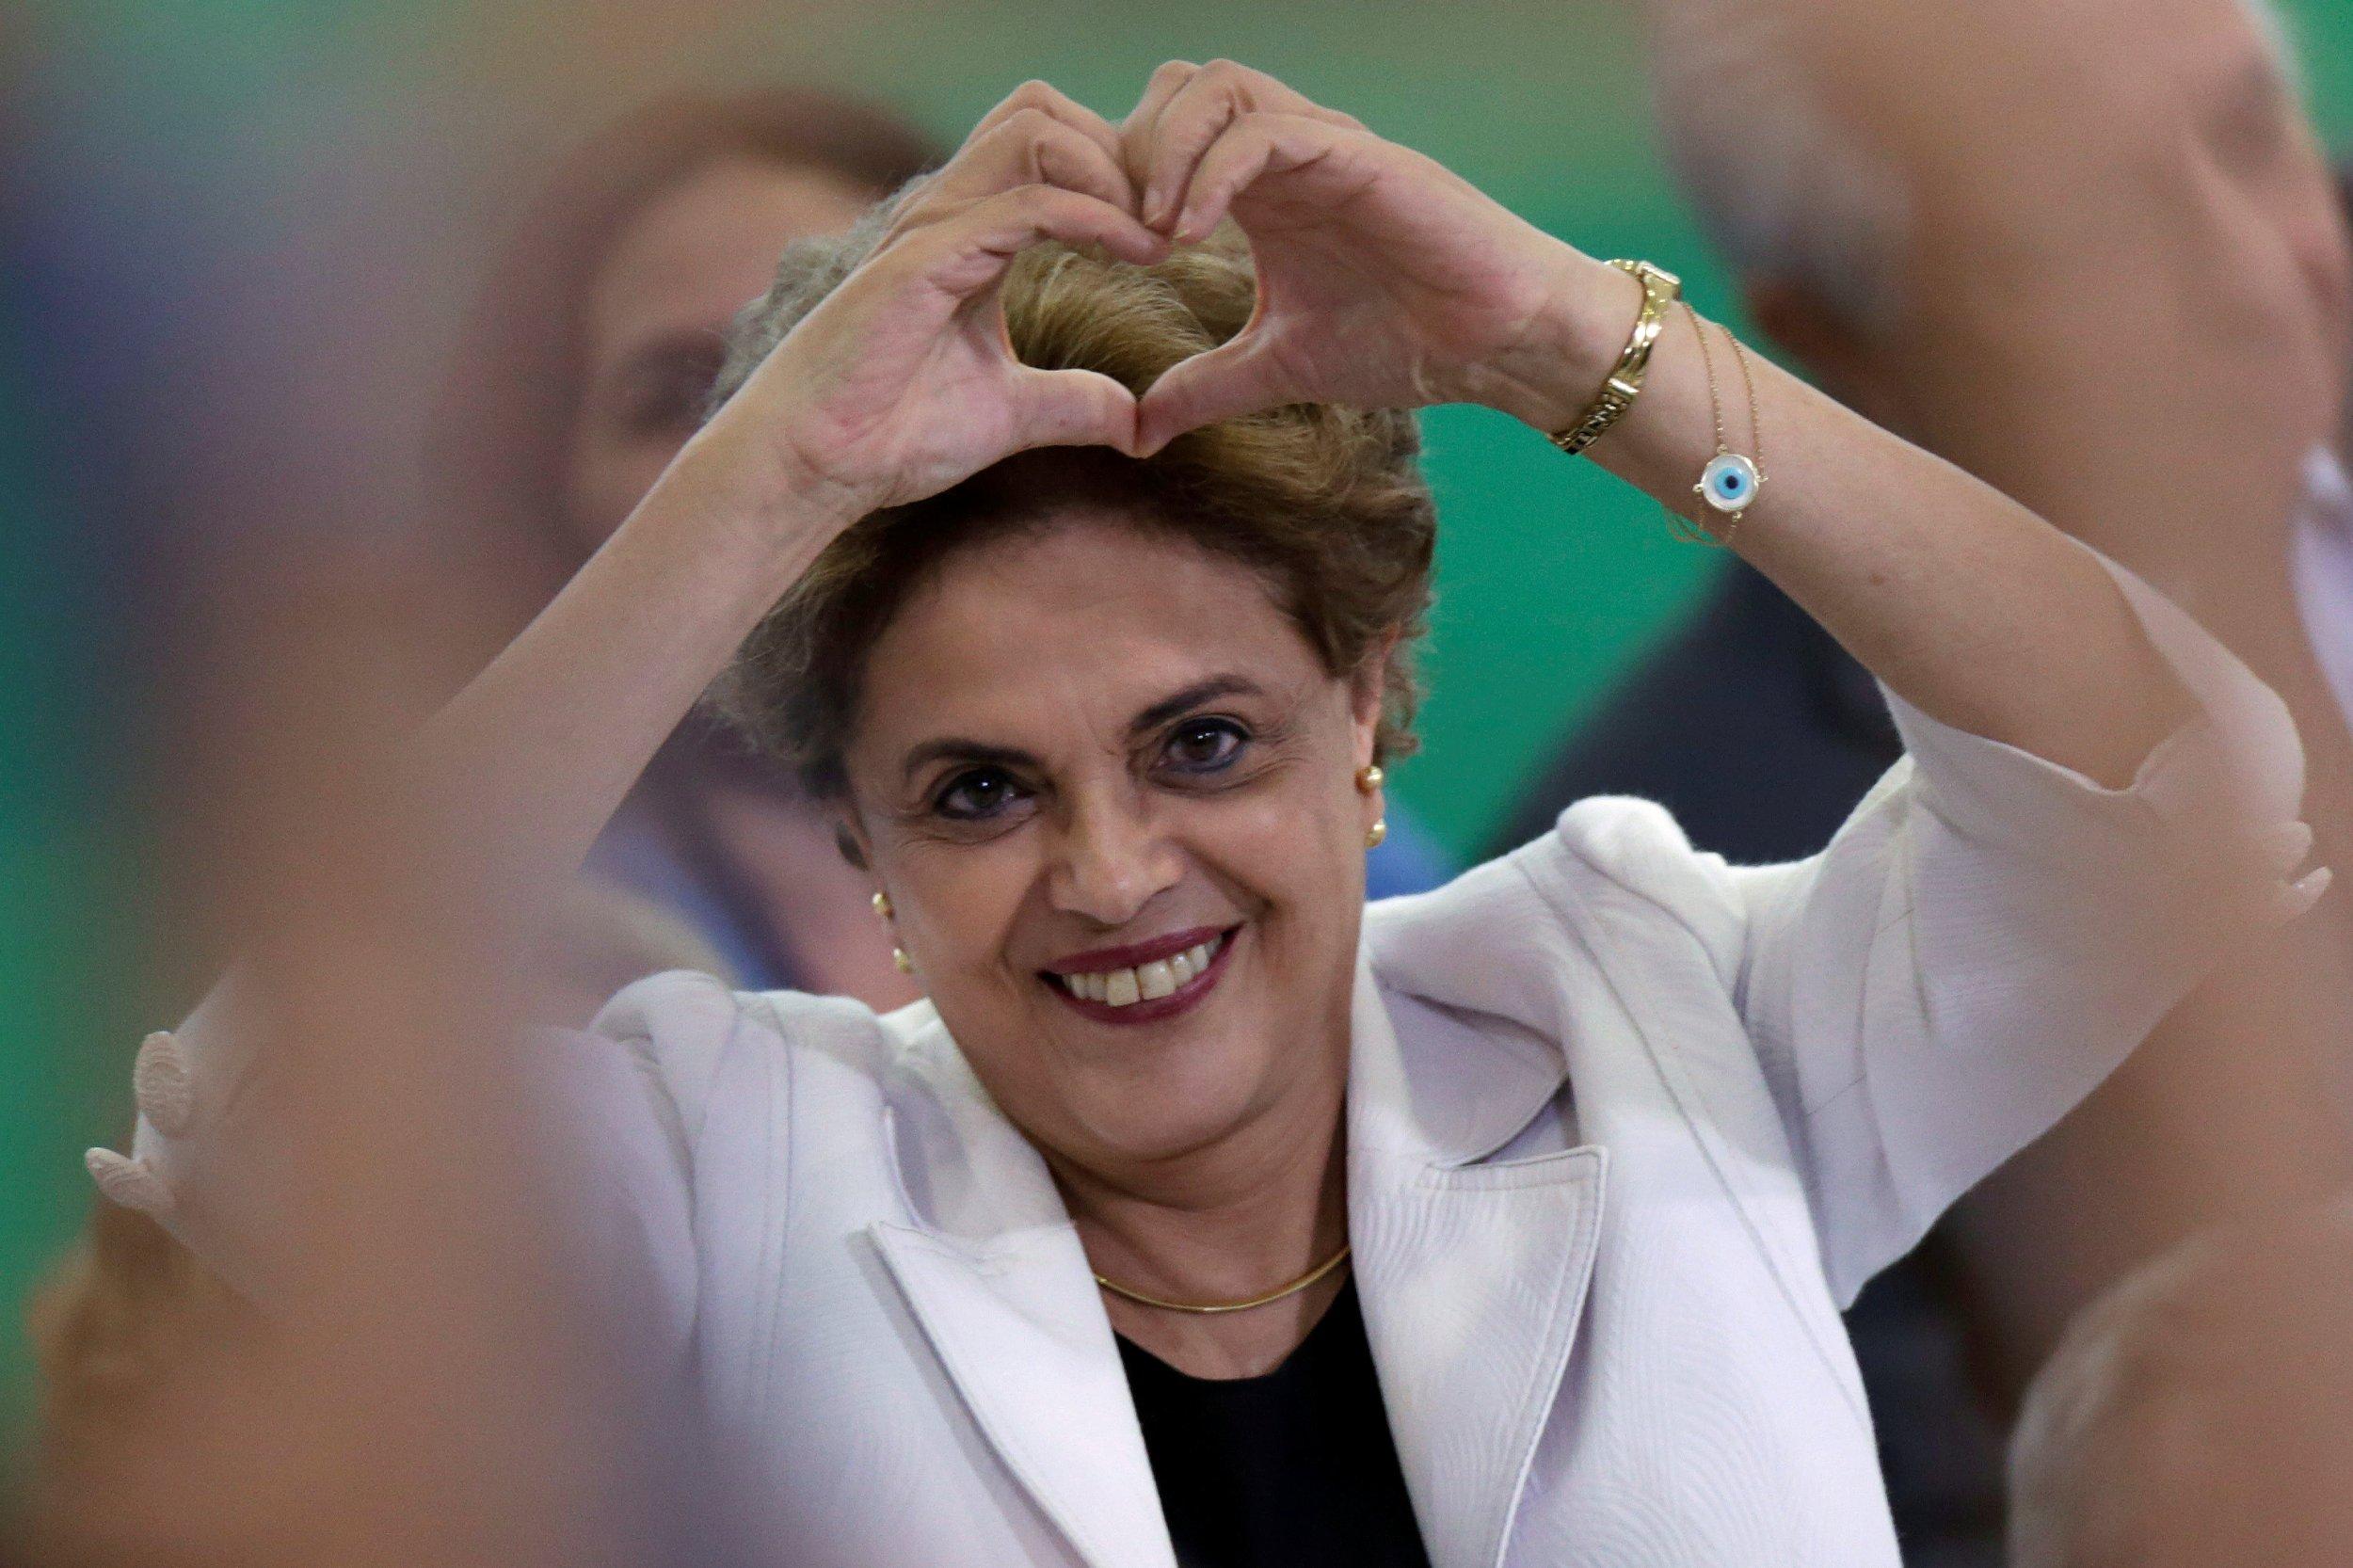 04_14_Brazil_Turmoil_01